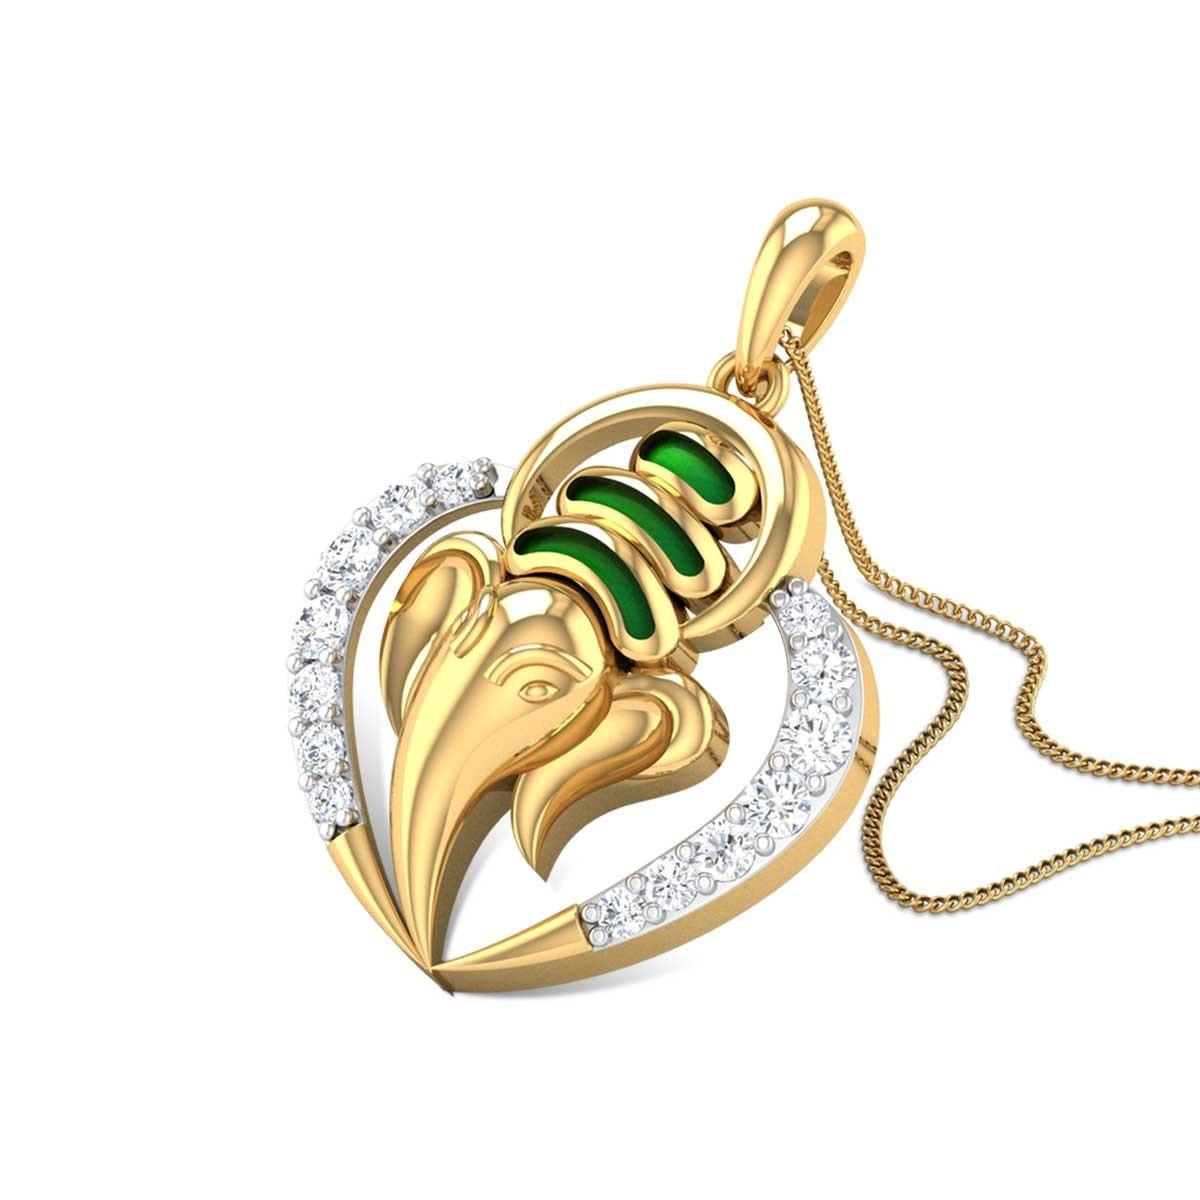 Ganpati Bappa Diamond Pendant